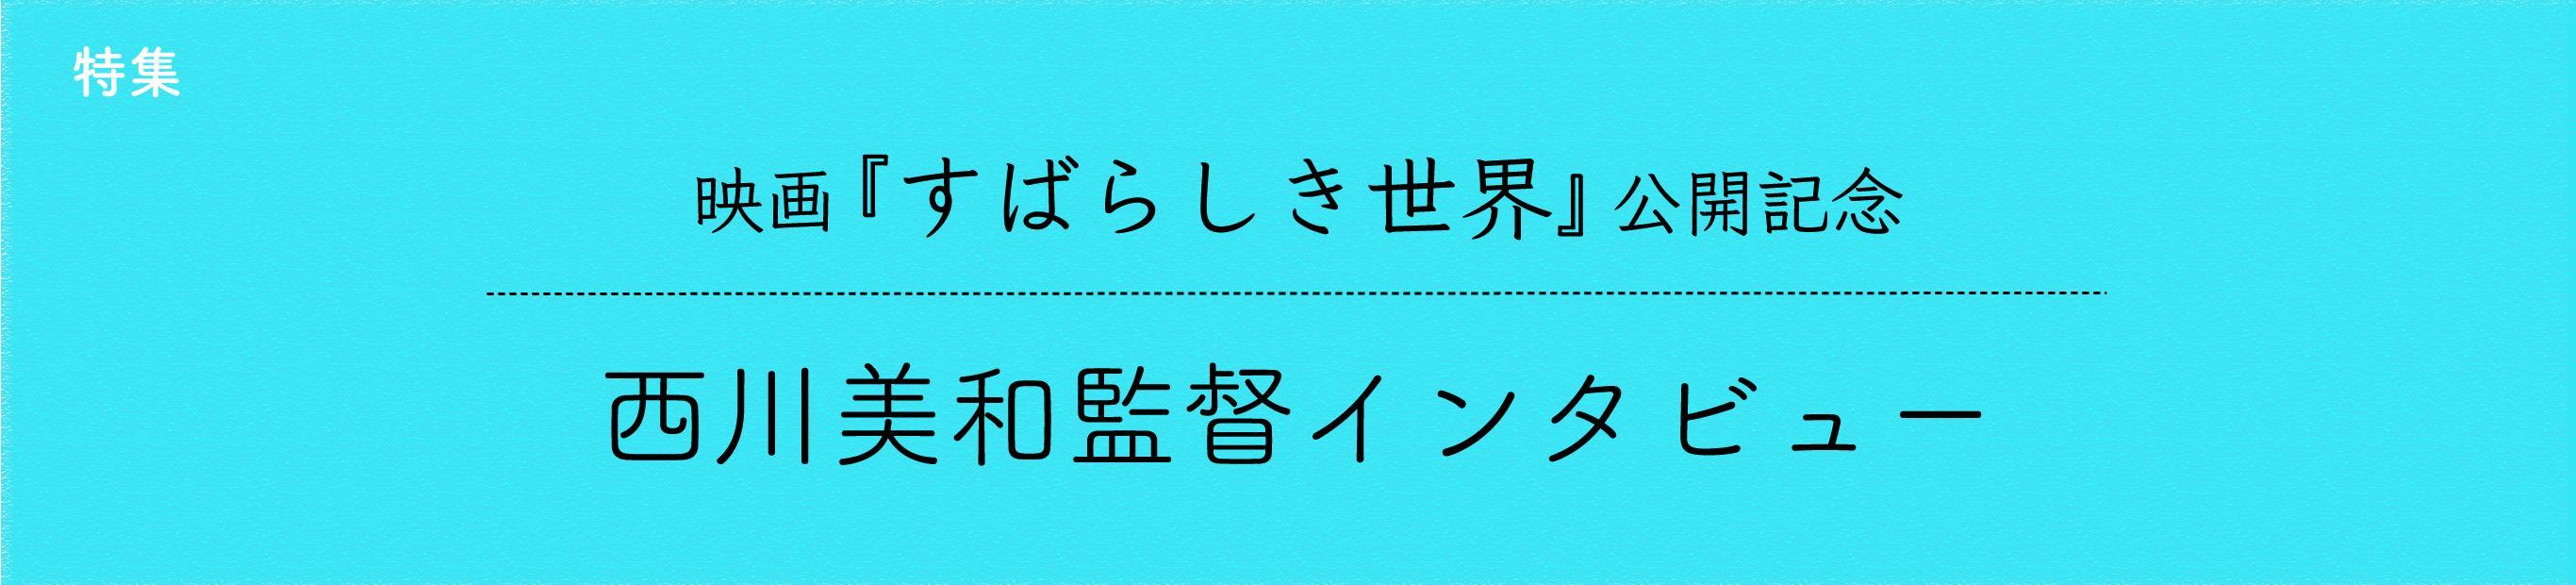 映画『すばらしき世界』公開記念・西川美和監督インタビュー(2)